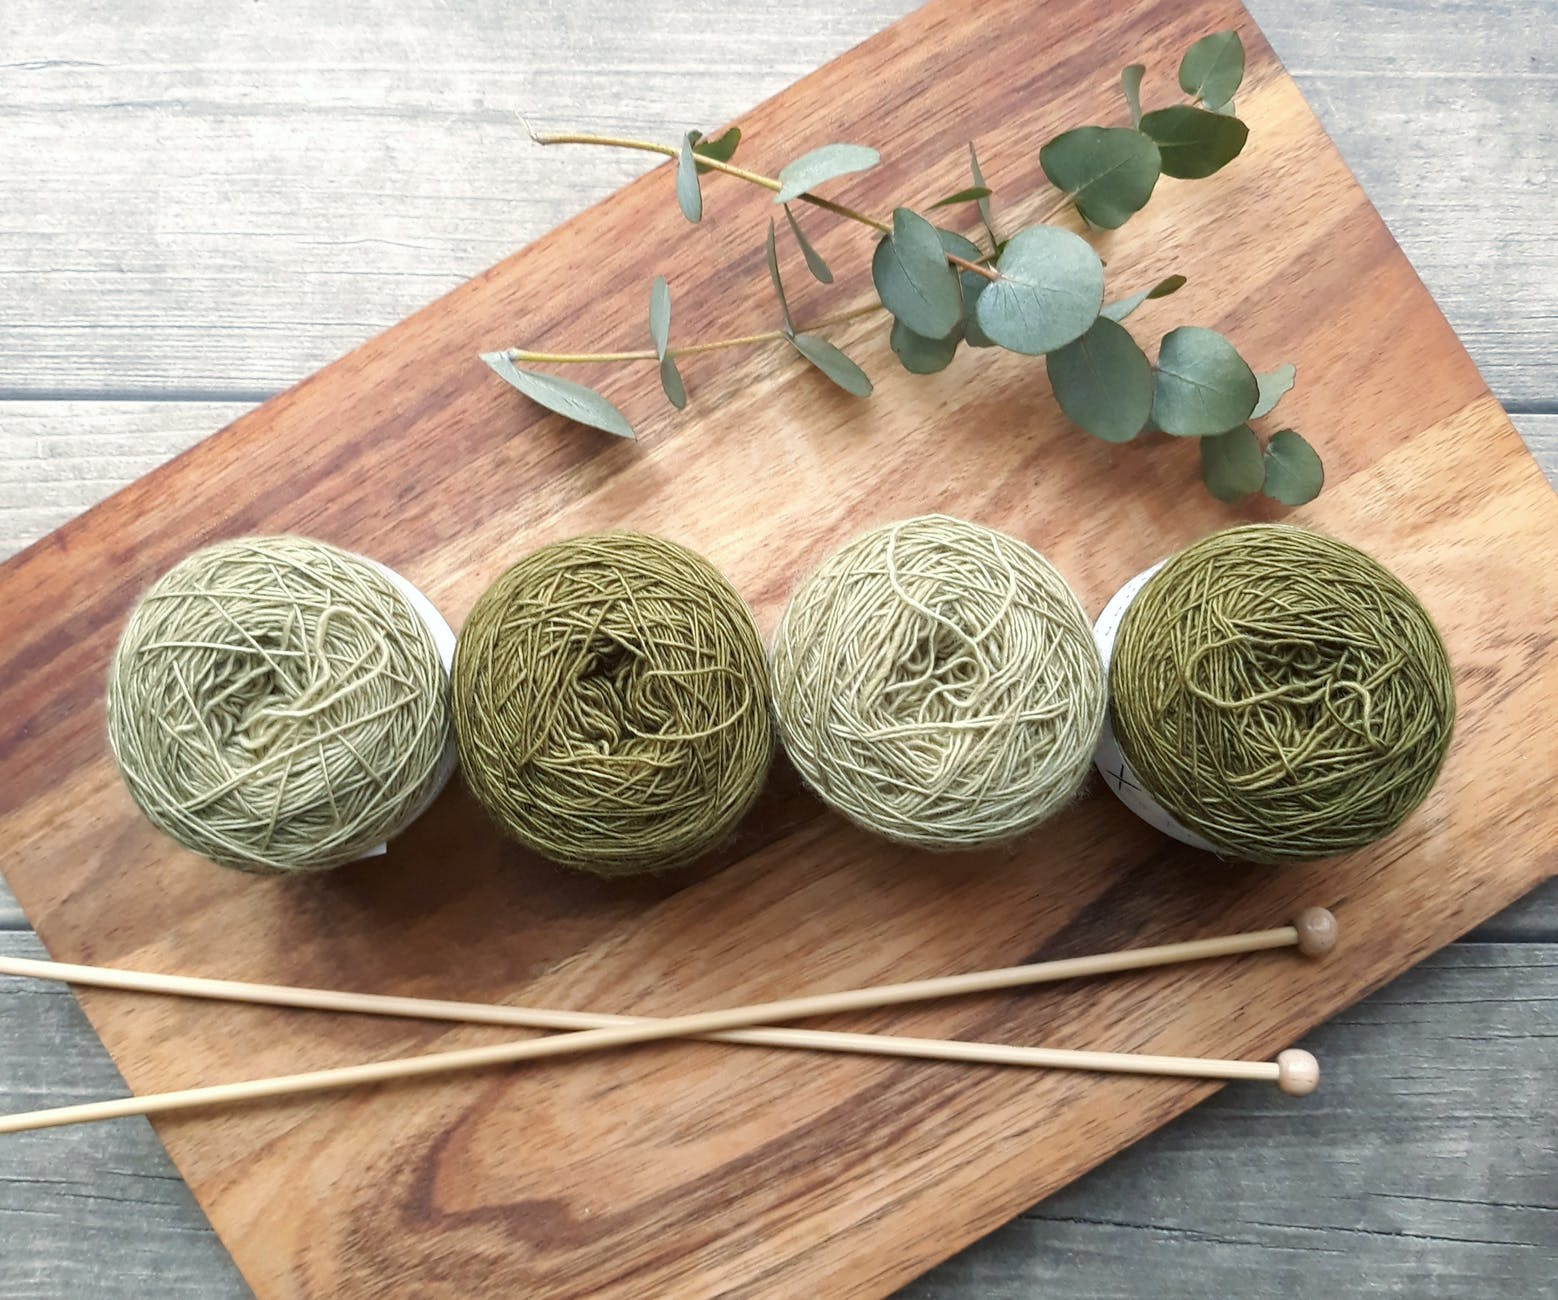 four green yarns on chopping board